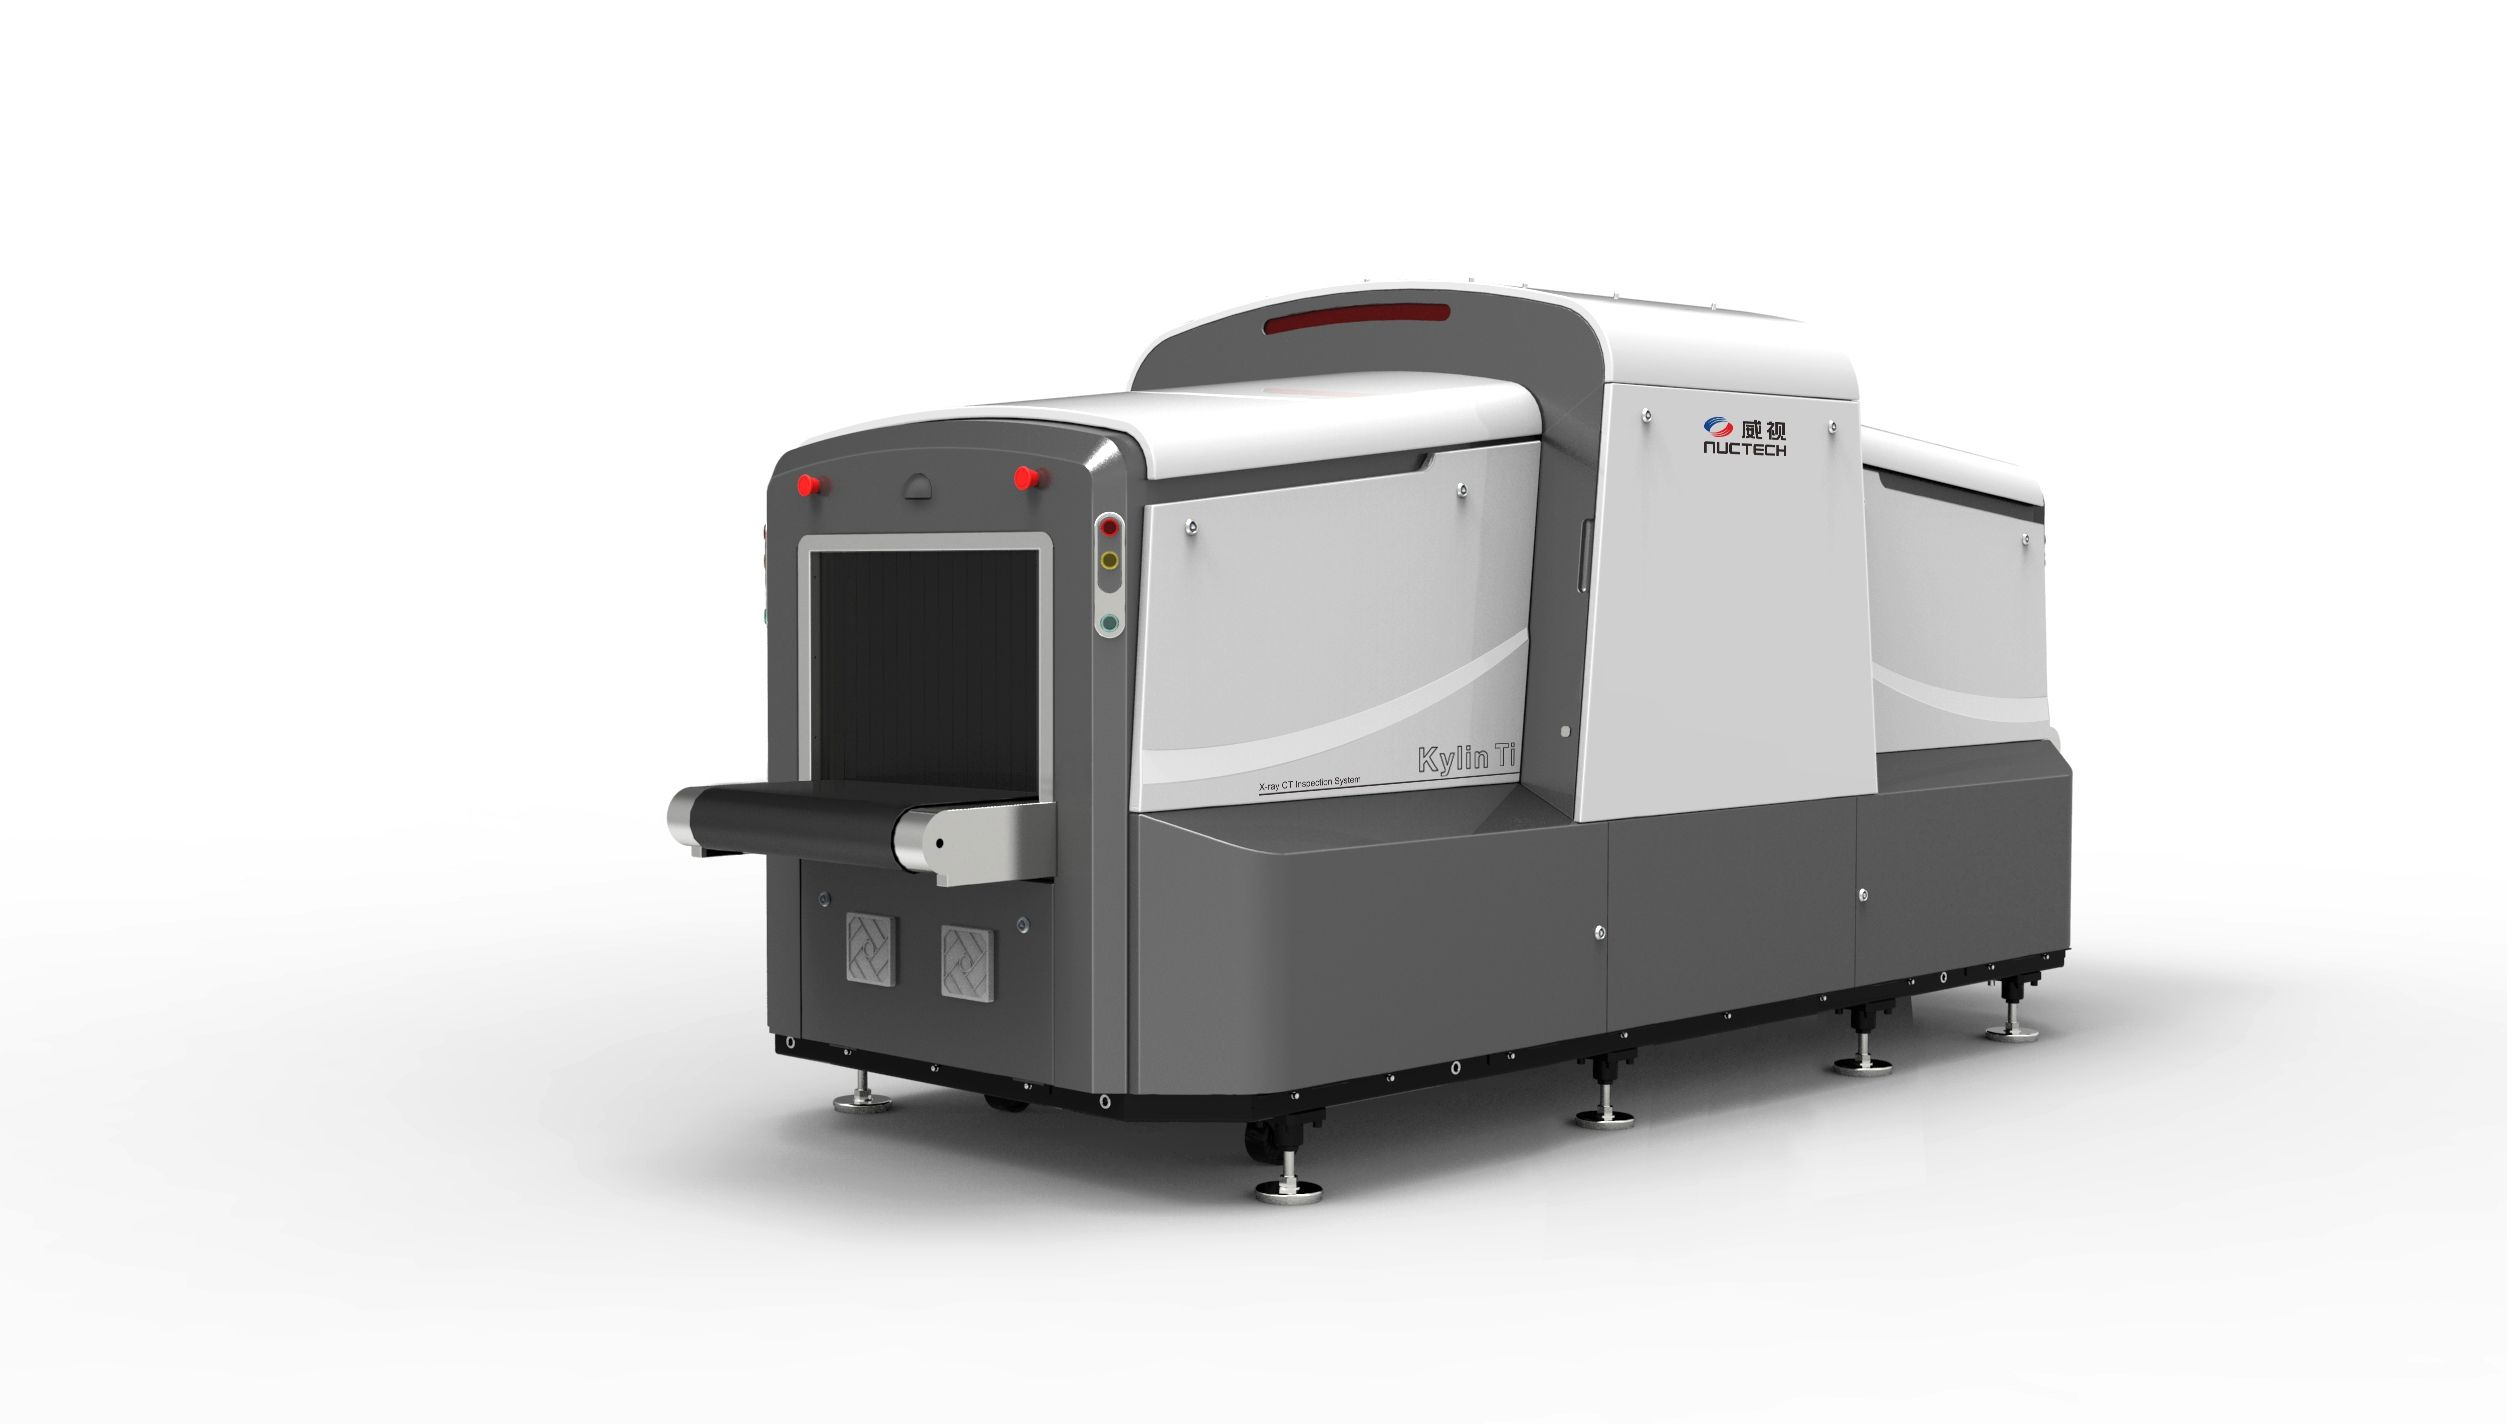 同方威视CT型Kylin Ti通过ECAC标准测试